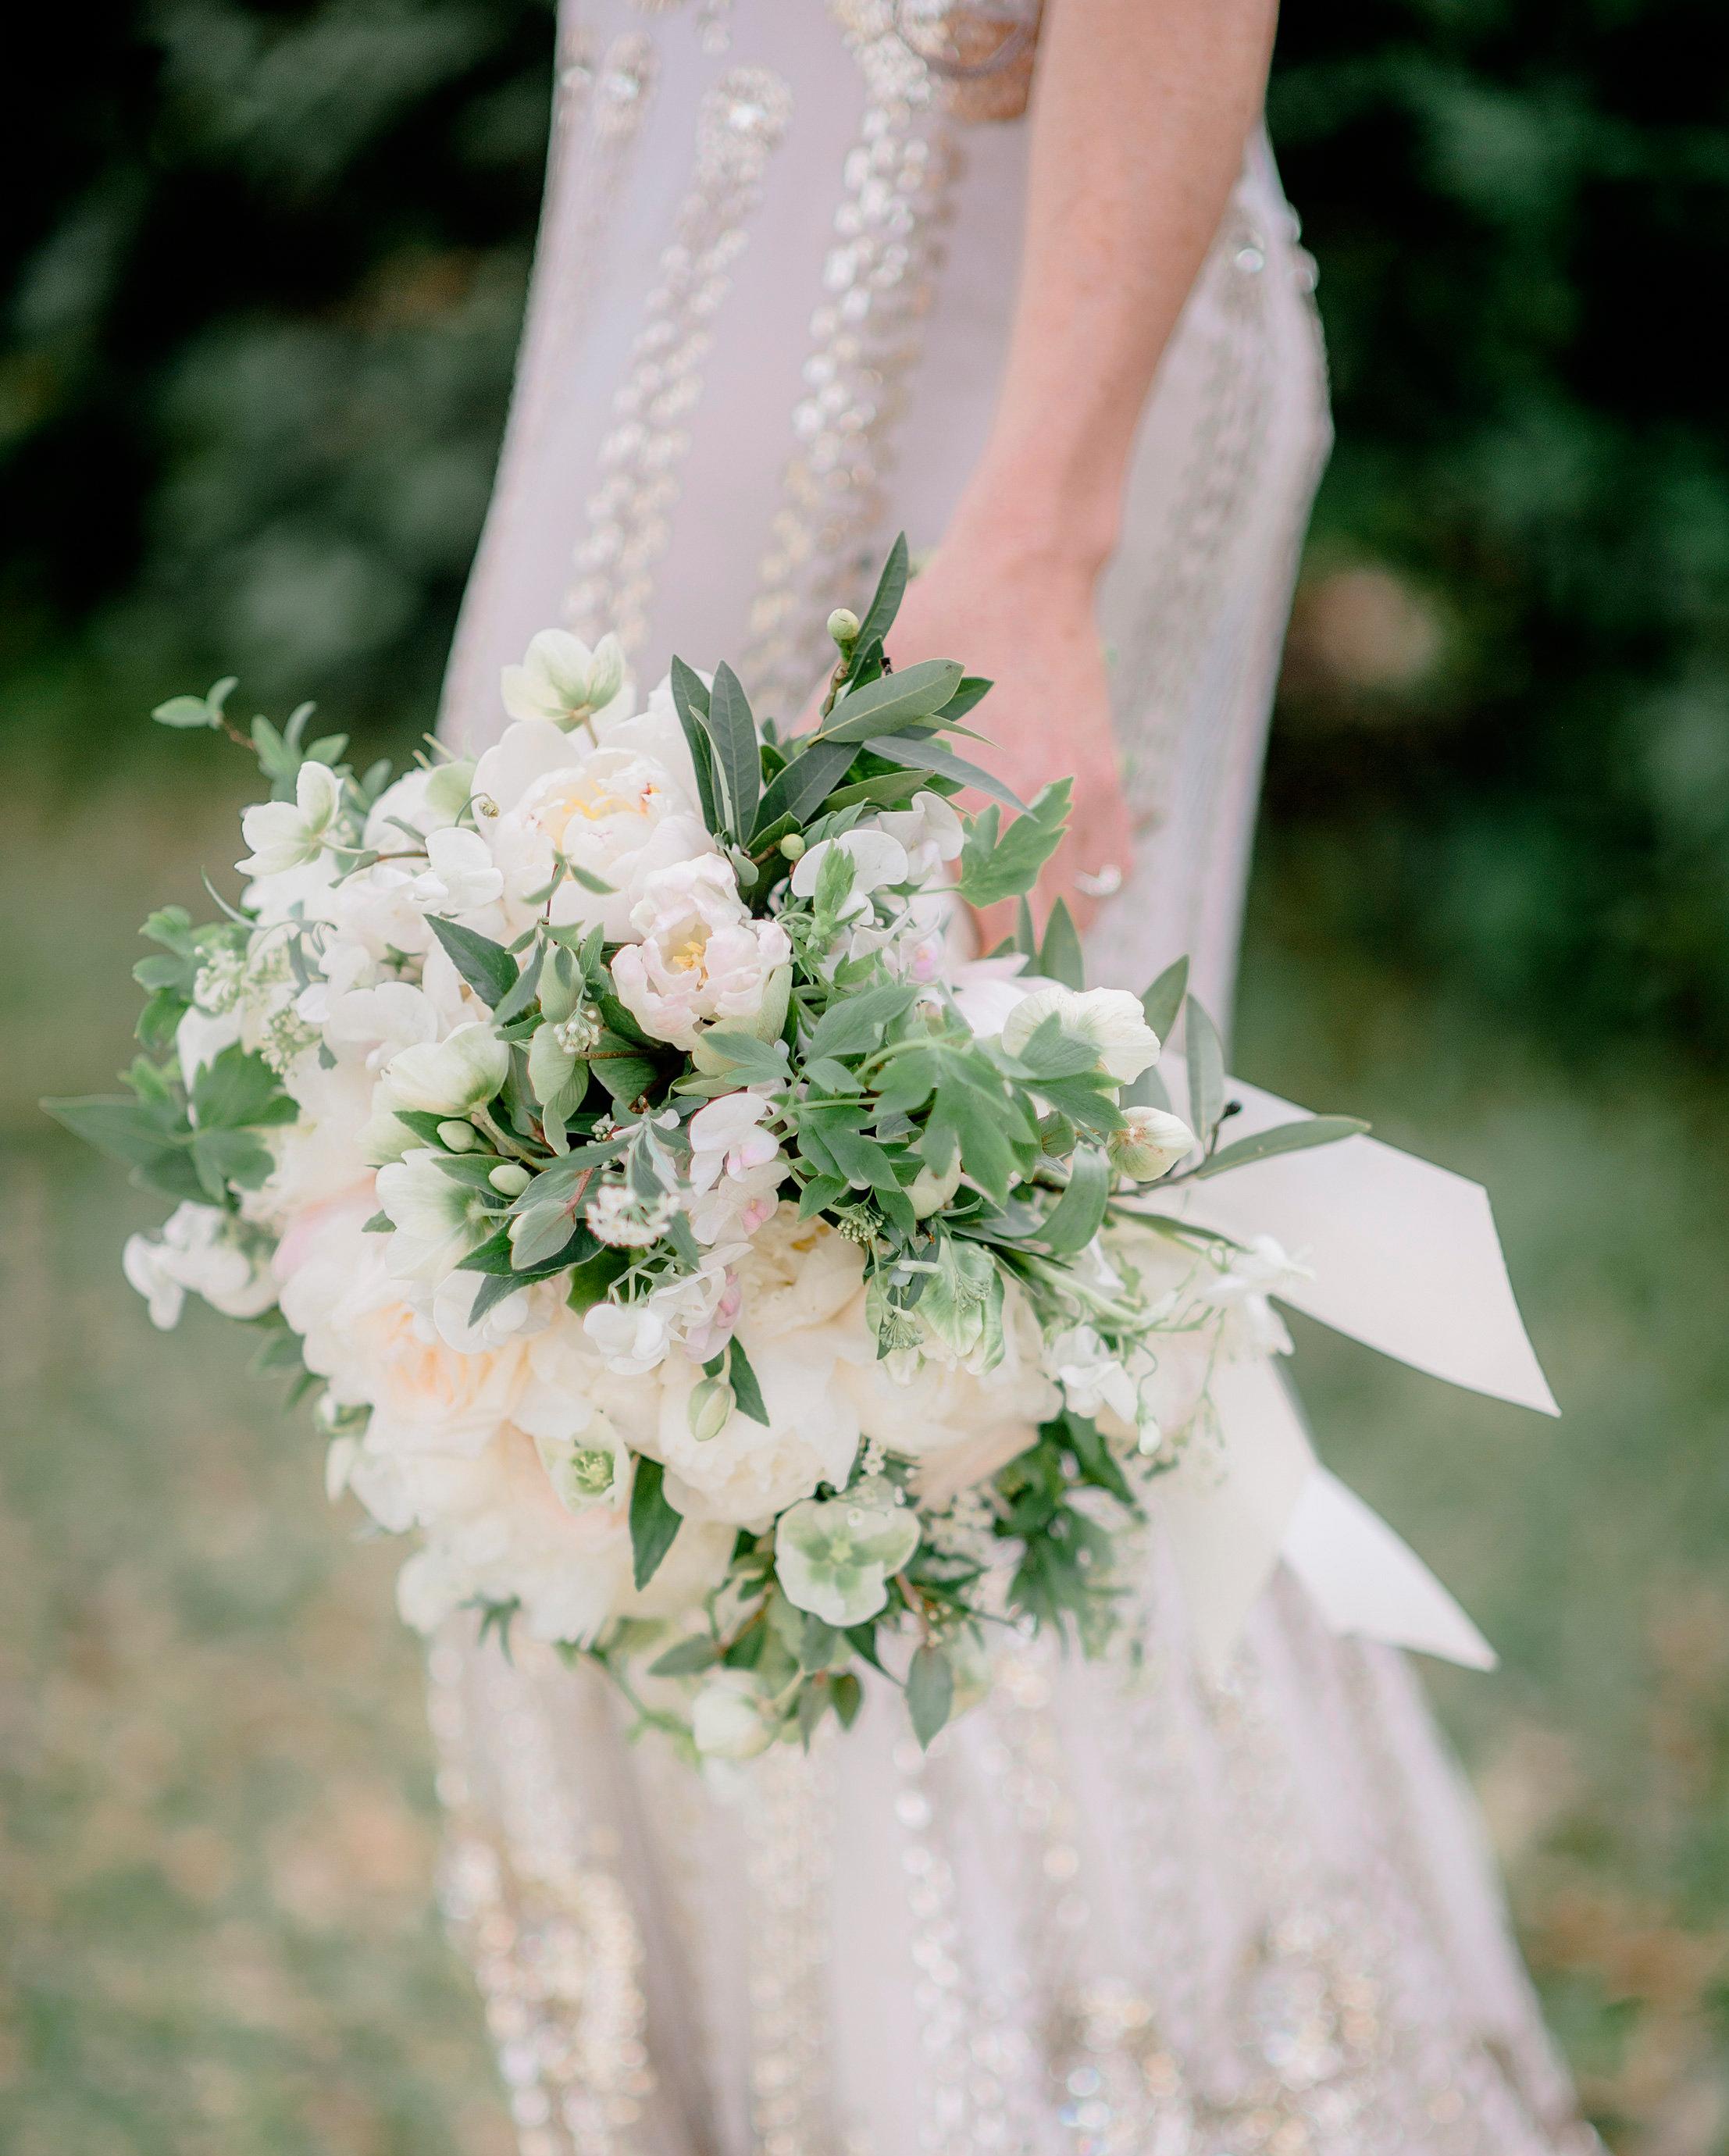 melany-drew-wedding-bouquet-024-s112184-0915.jpg